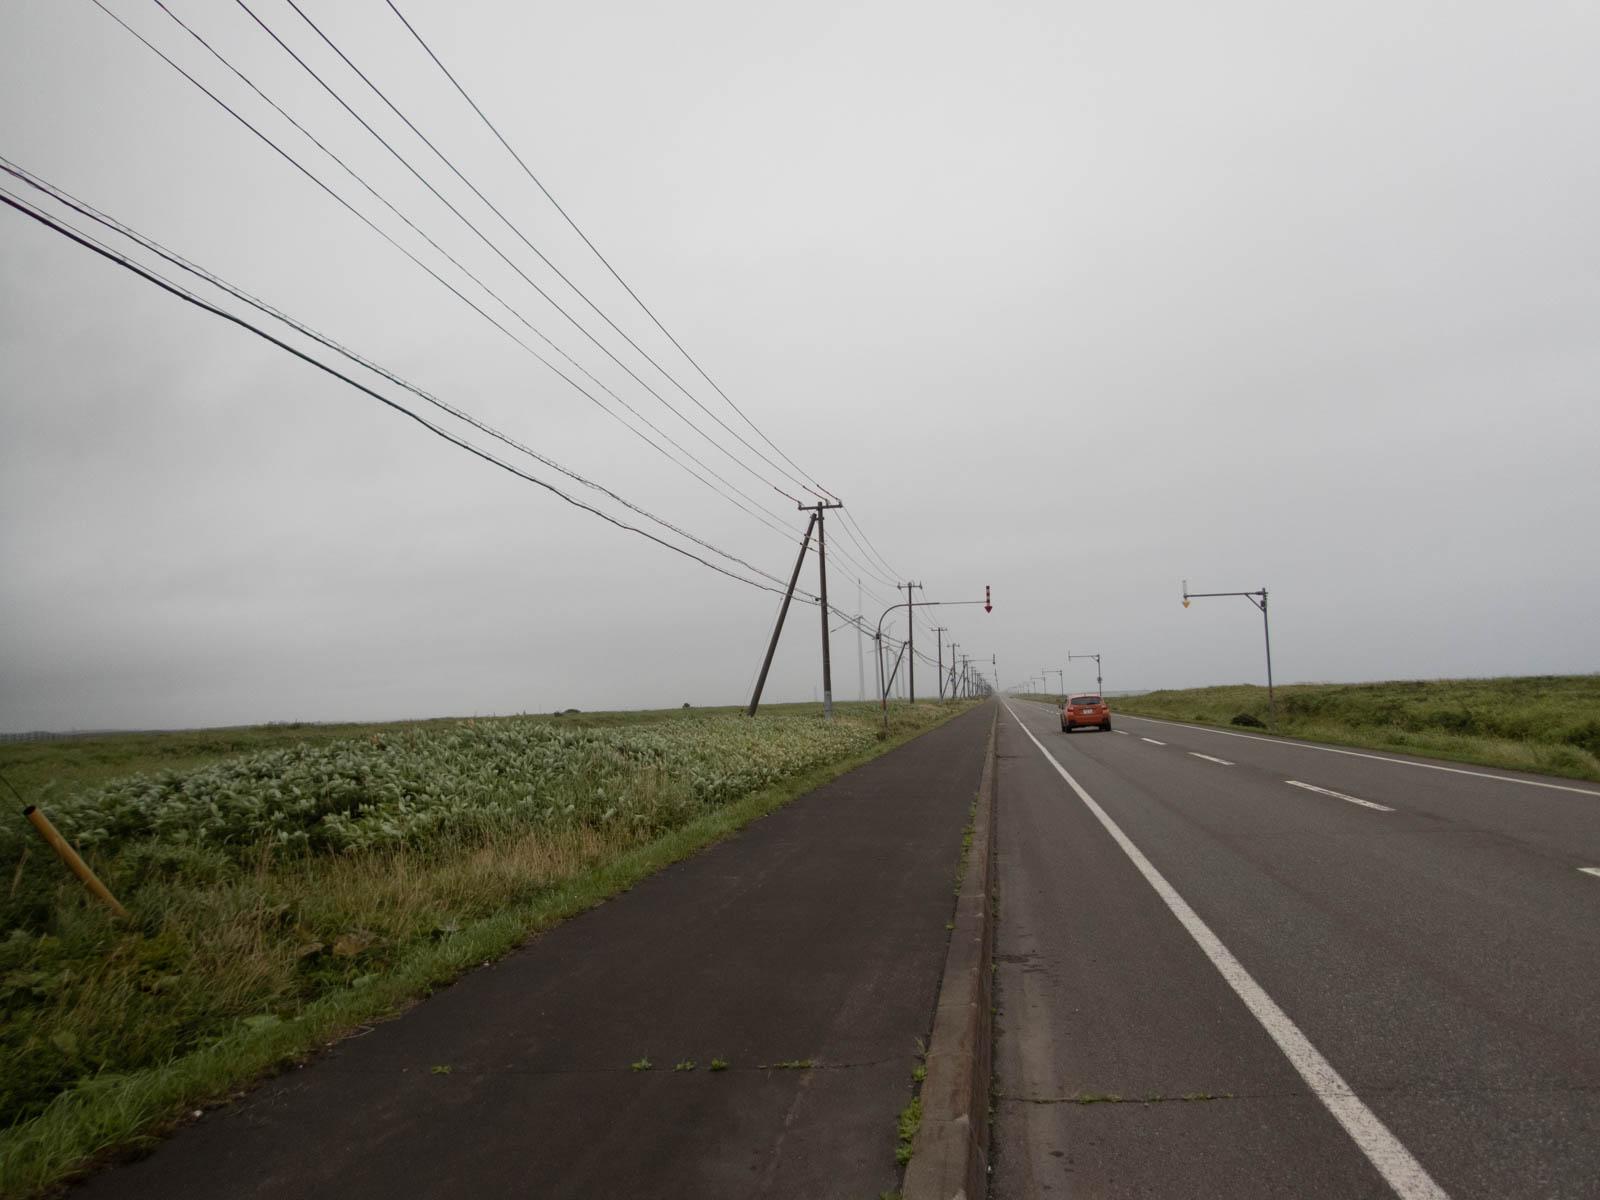 車道には広い路側帯が有り